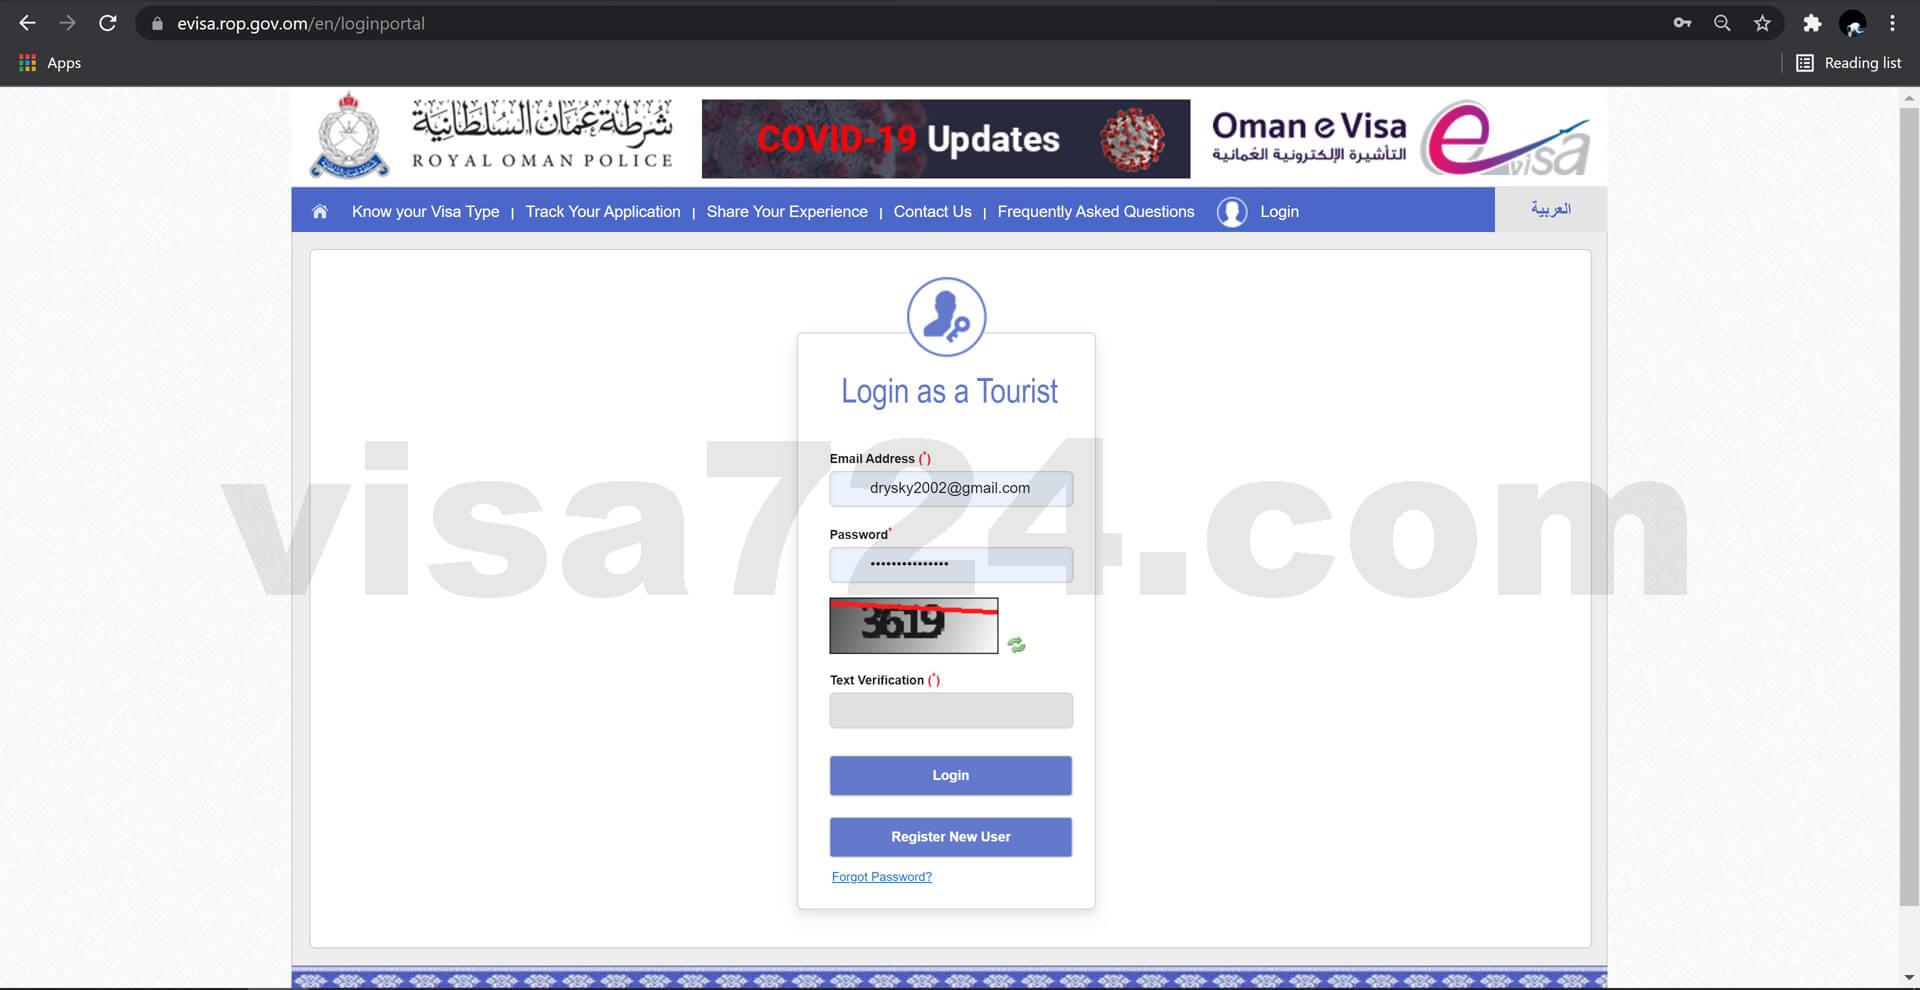 دریافت ویزای توریستی عمان